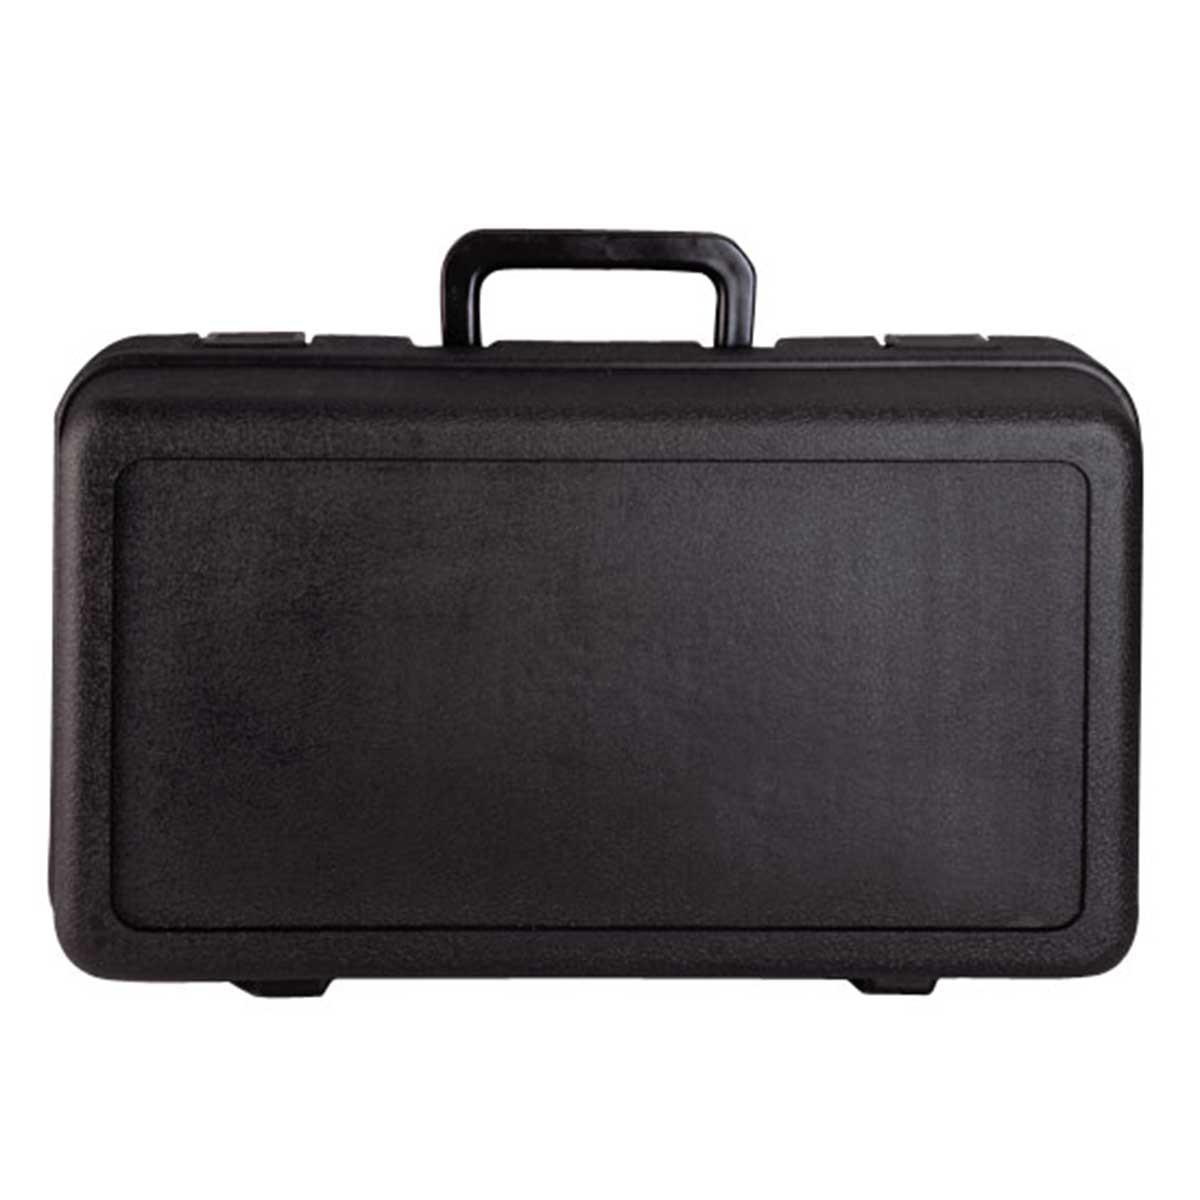 crain 825 undercut saw case